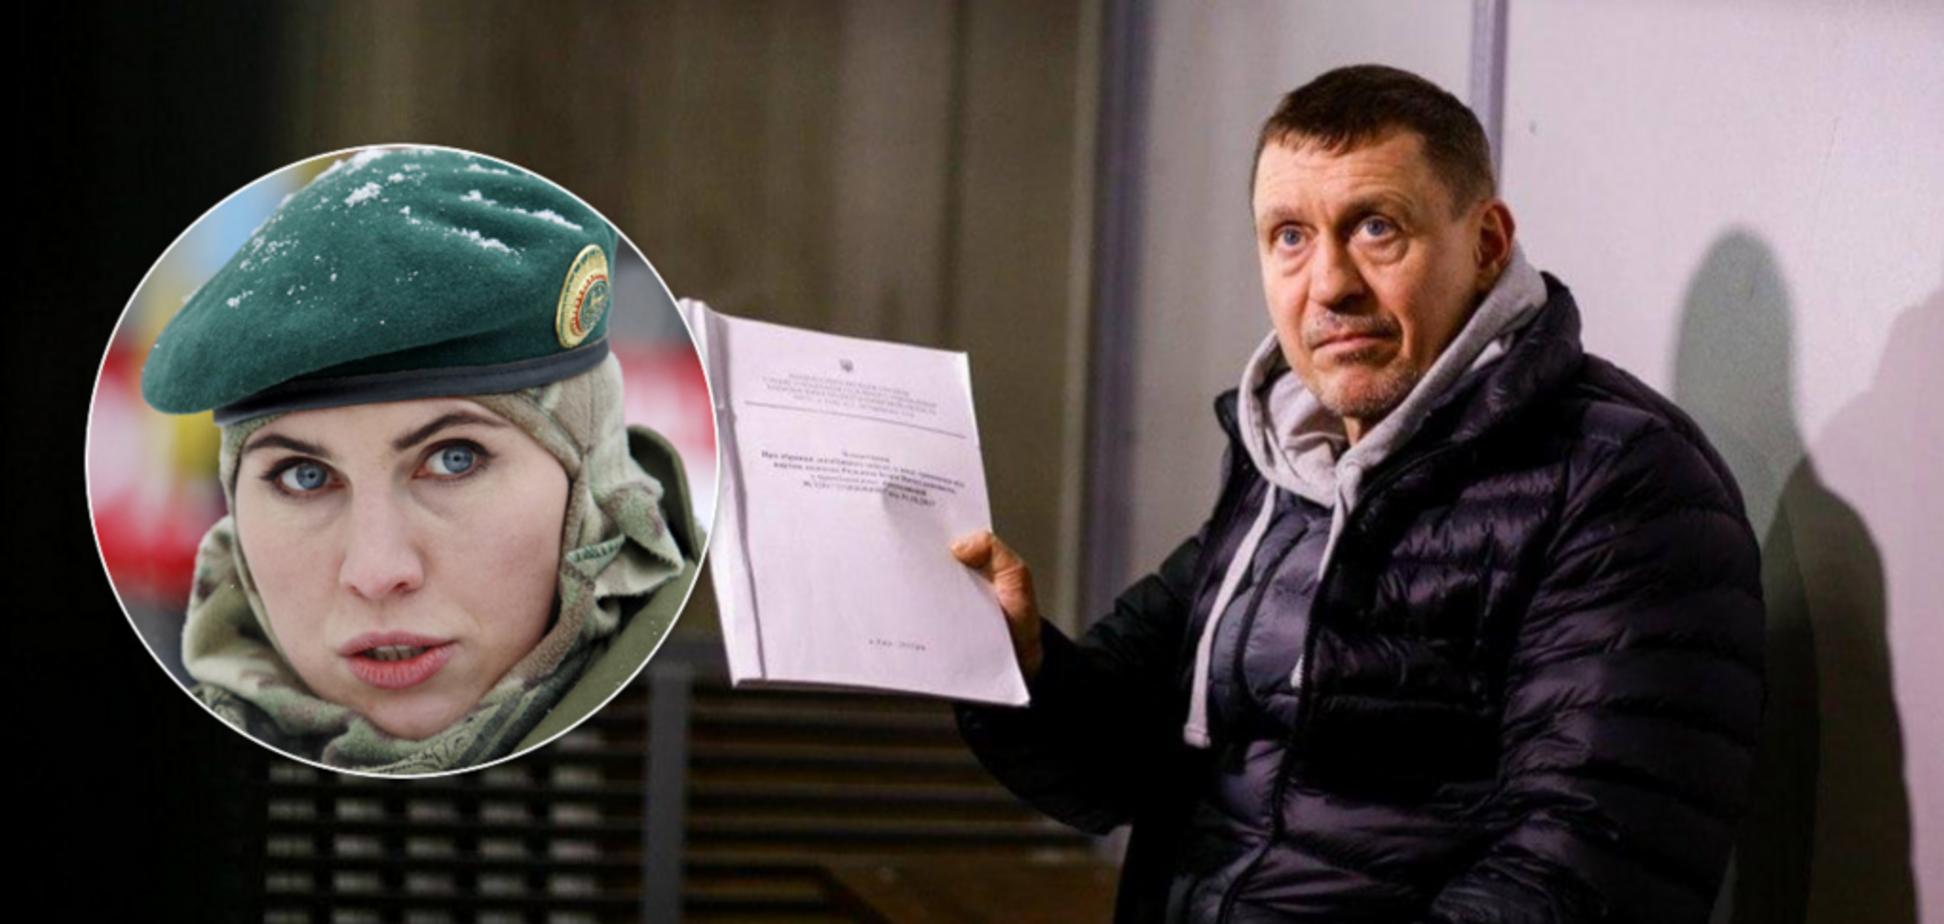 Убийство Окуевой: суд вынес решение по подозреваемому уроженцу России